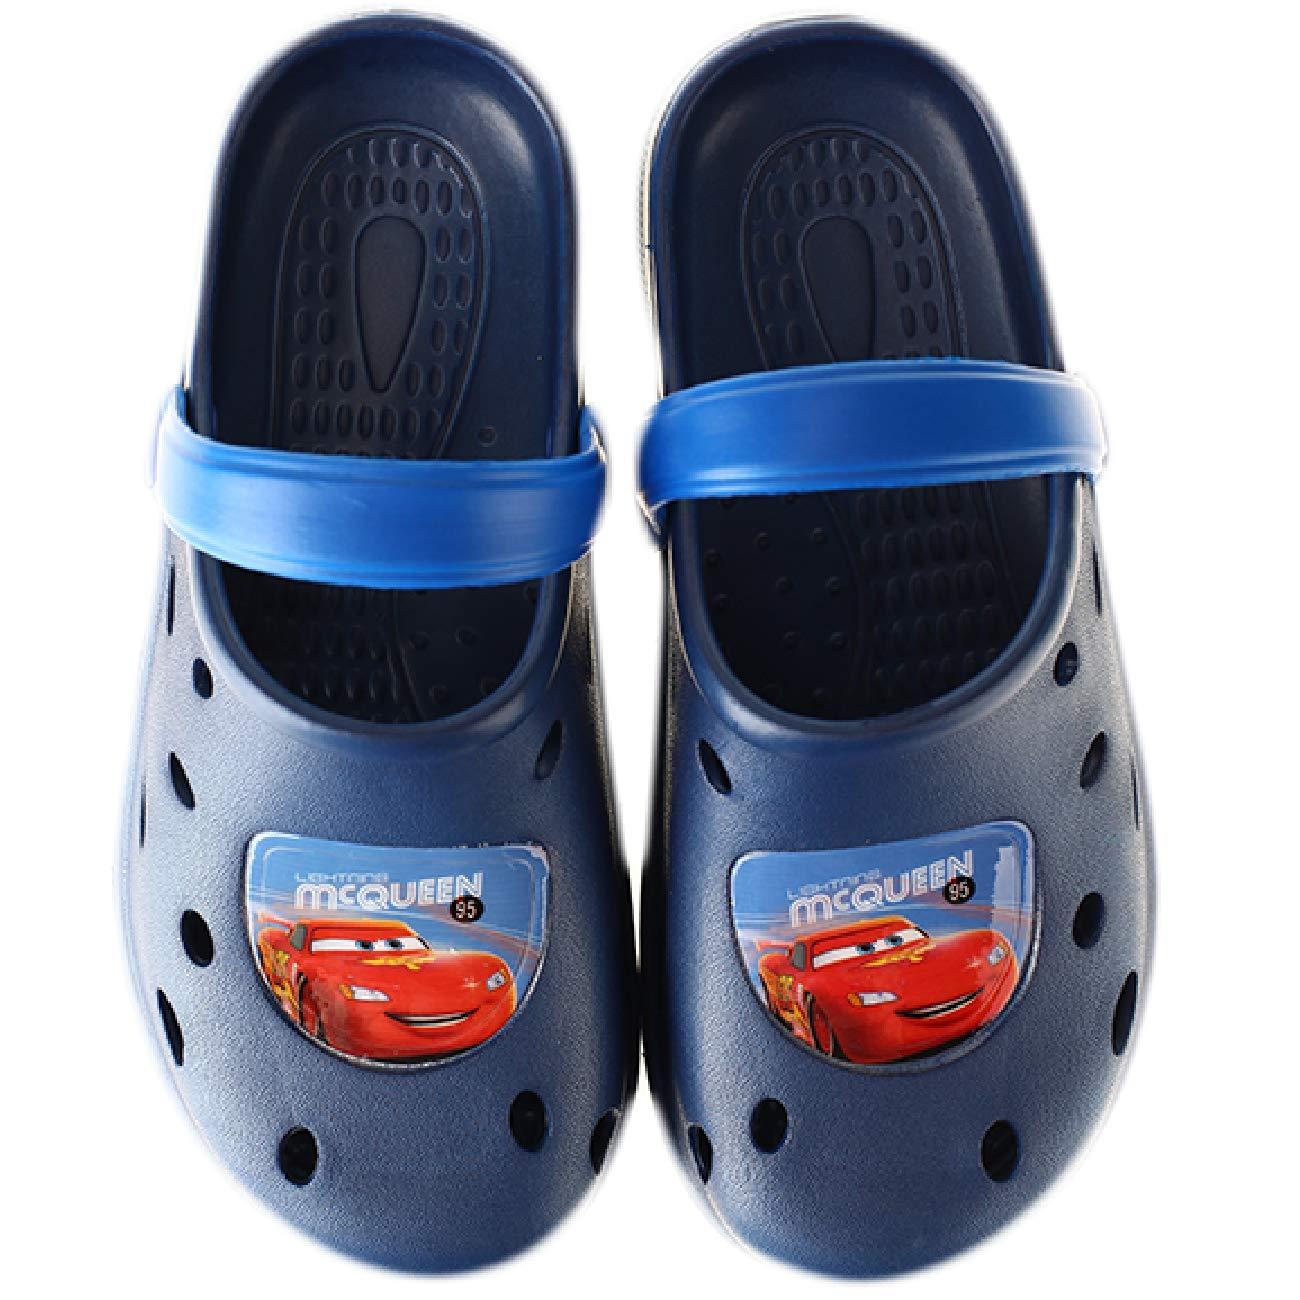 Zuecos Sabots de Goma eva para Chico Disney Cars McQueen 870-223